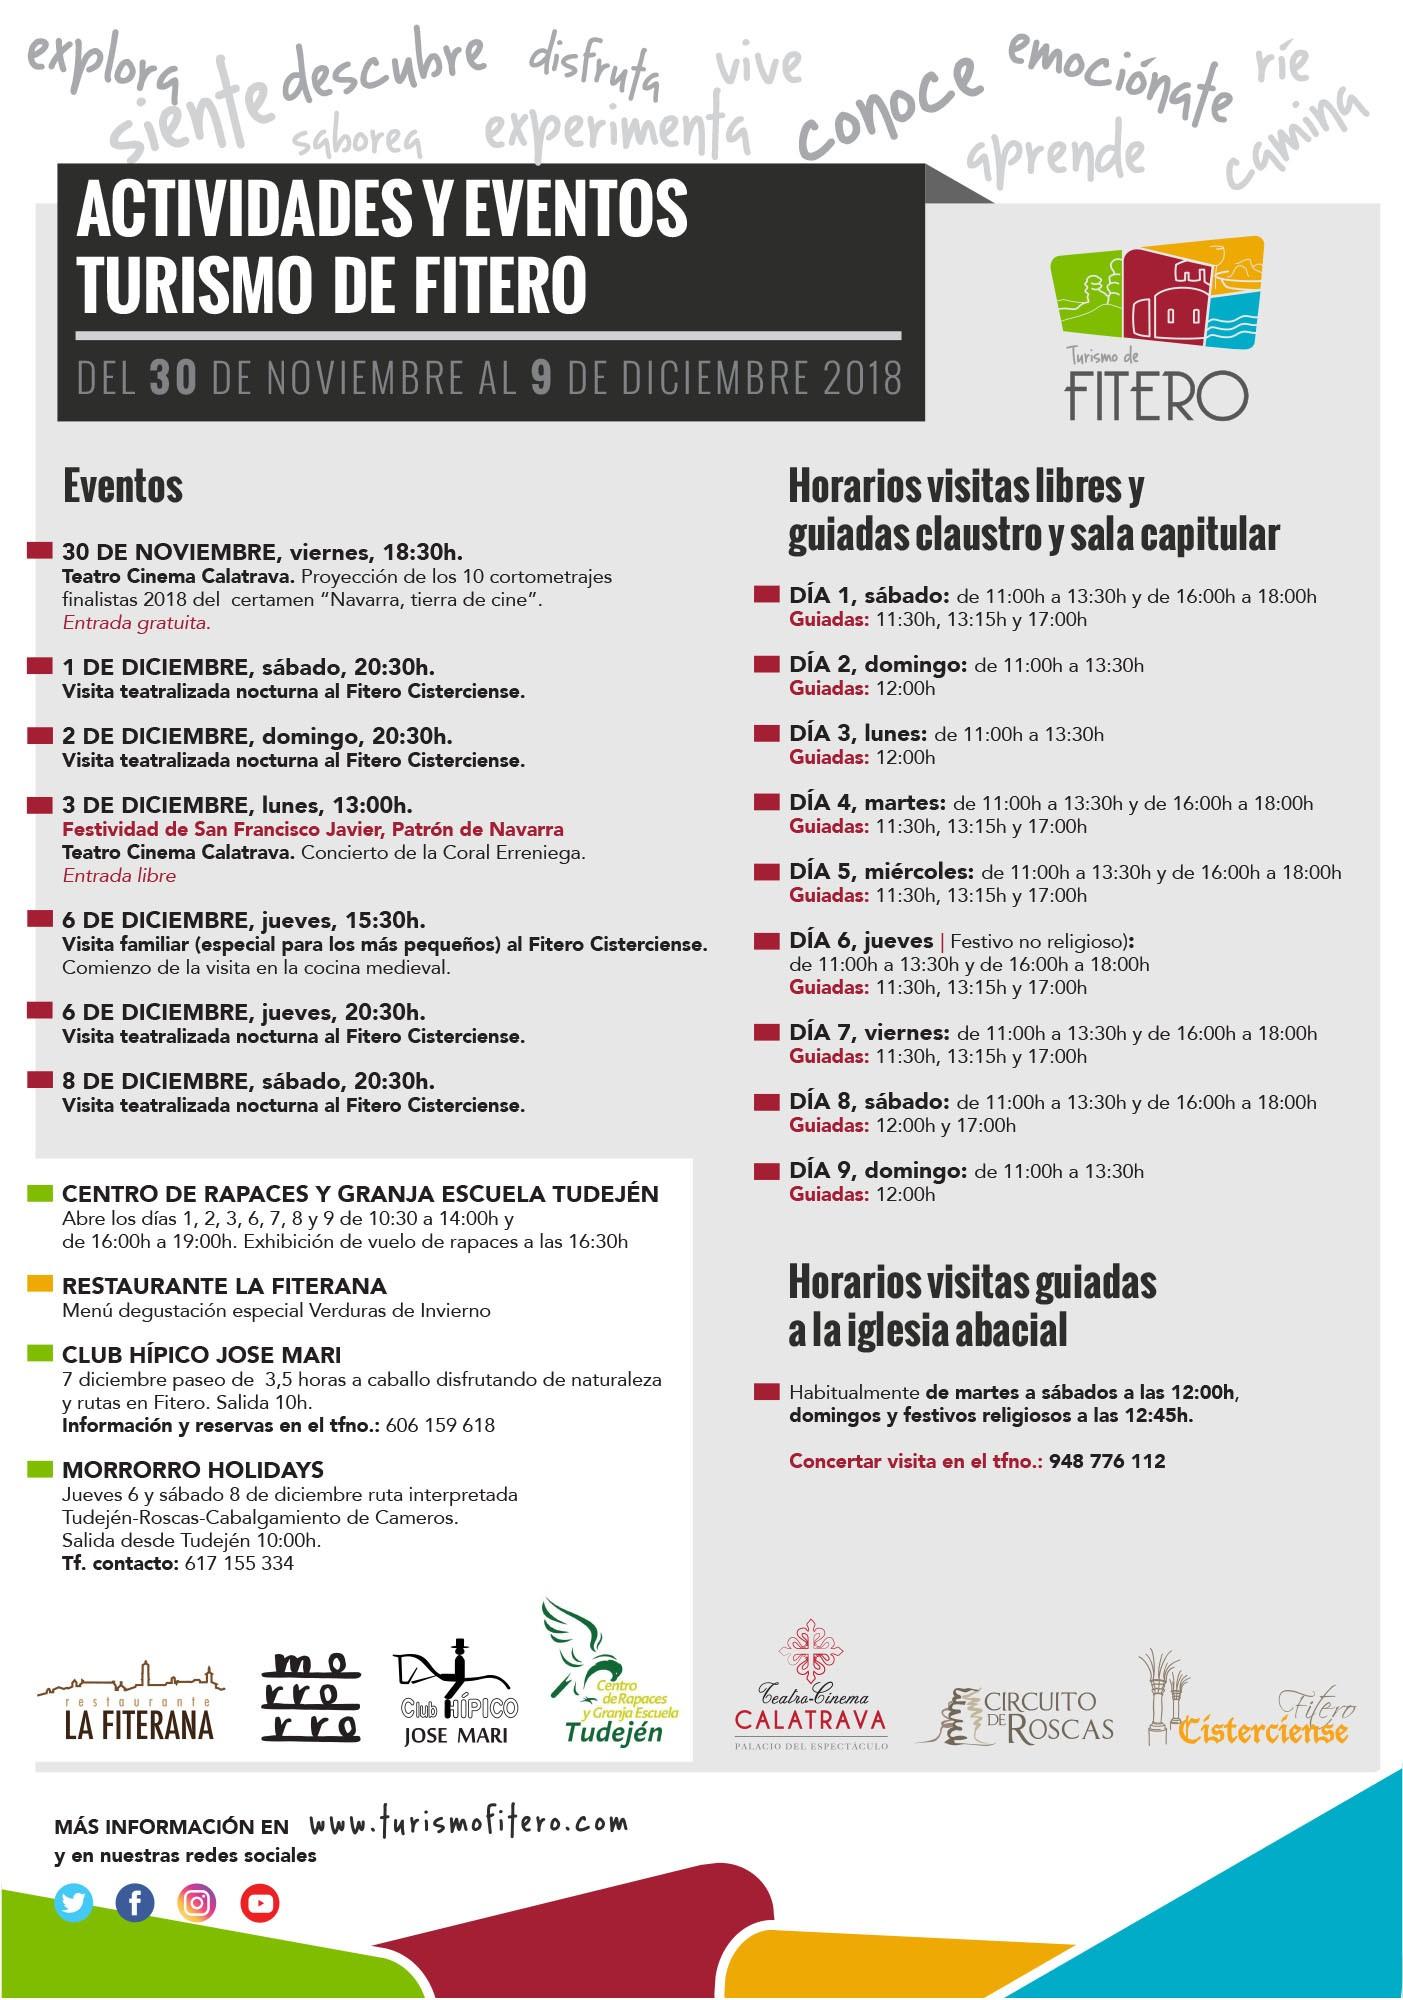 Actividades y eventos Turismo de Fitero desde el 30 de noviembre hasta el 9 de diciembre